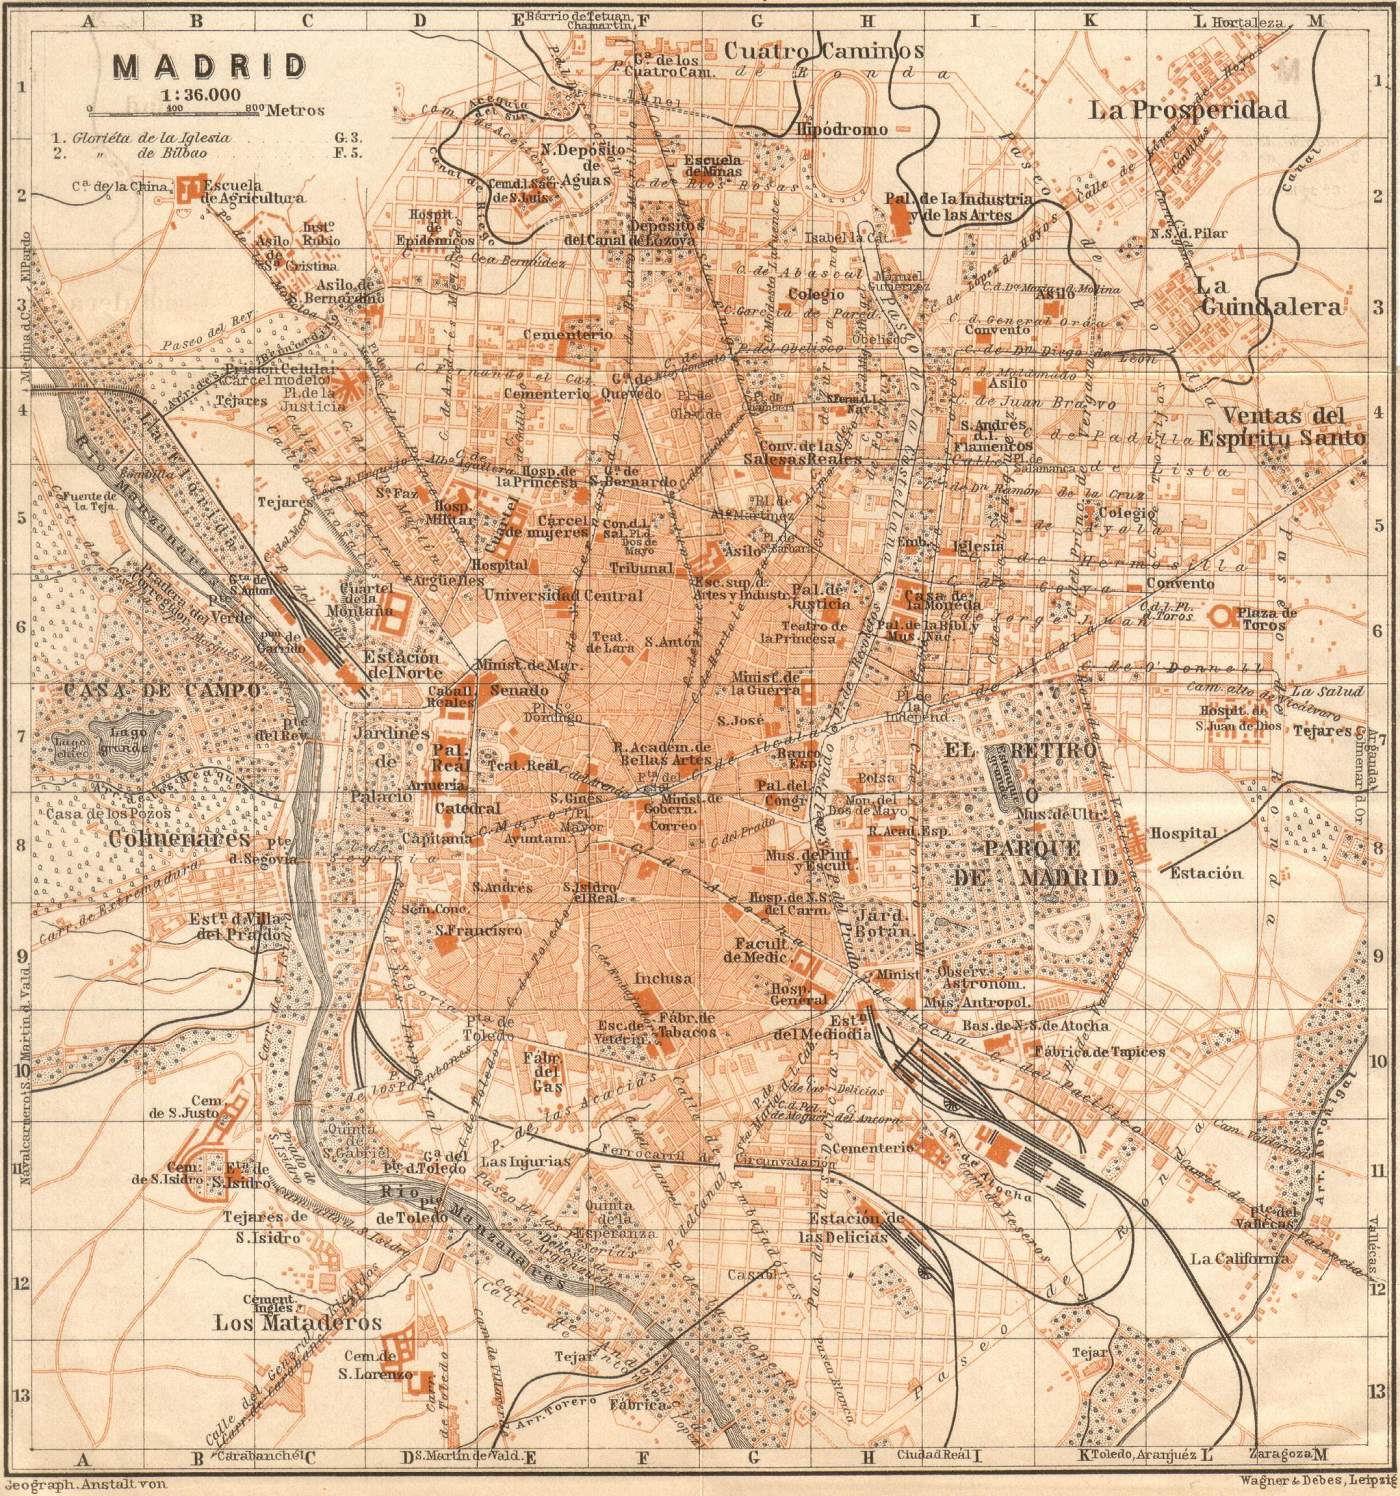 Madrid in 1901